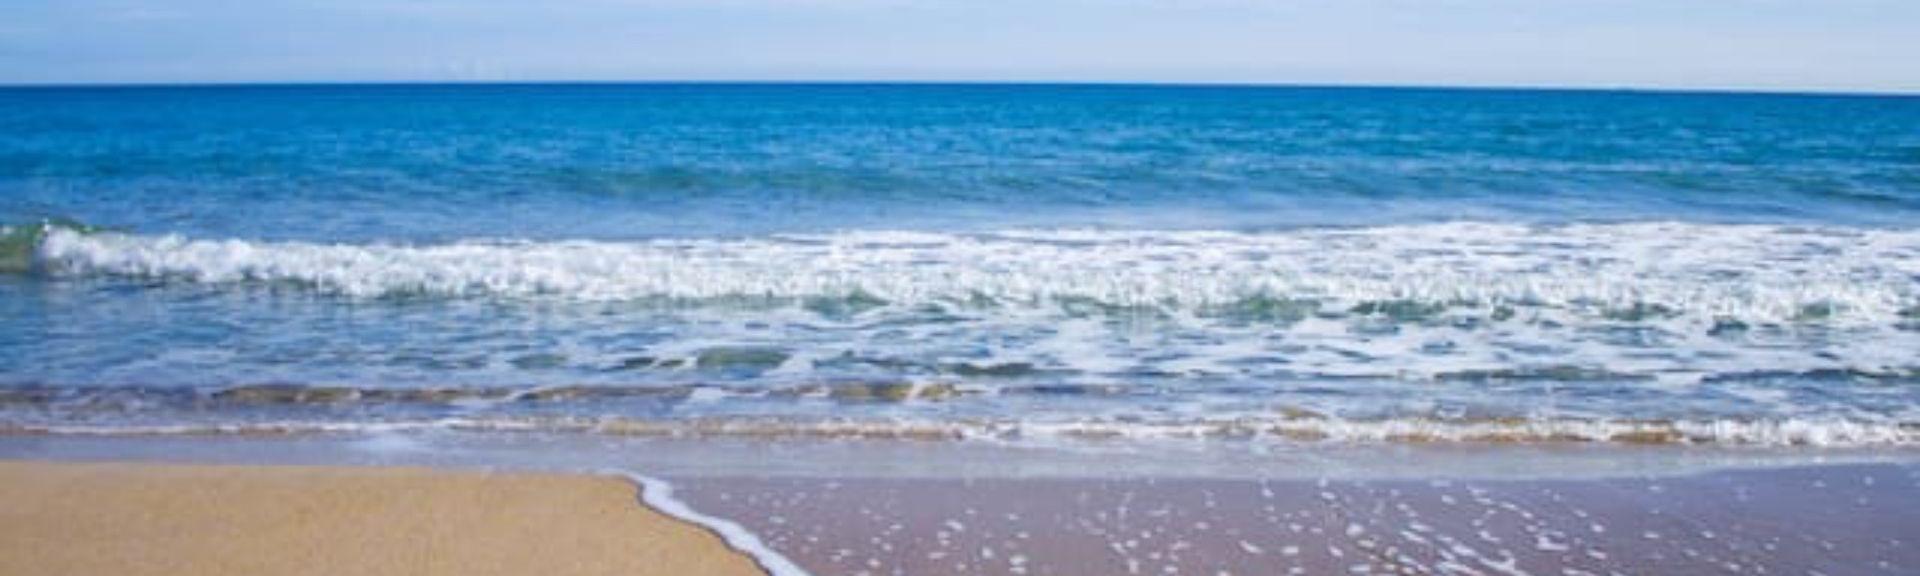 Playa de San Juan, Spanje